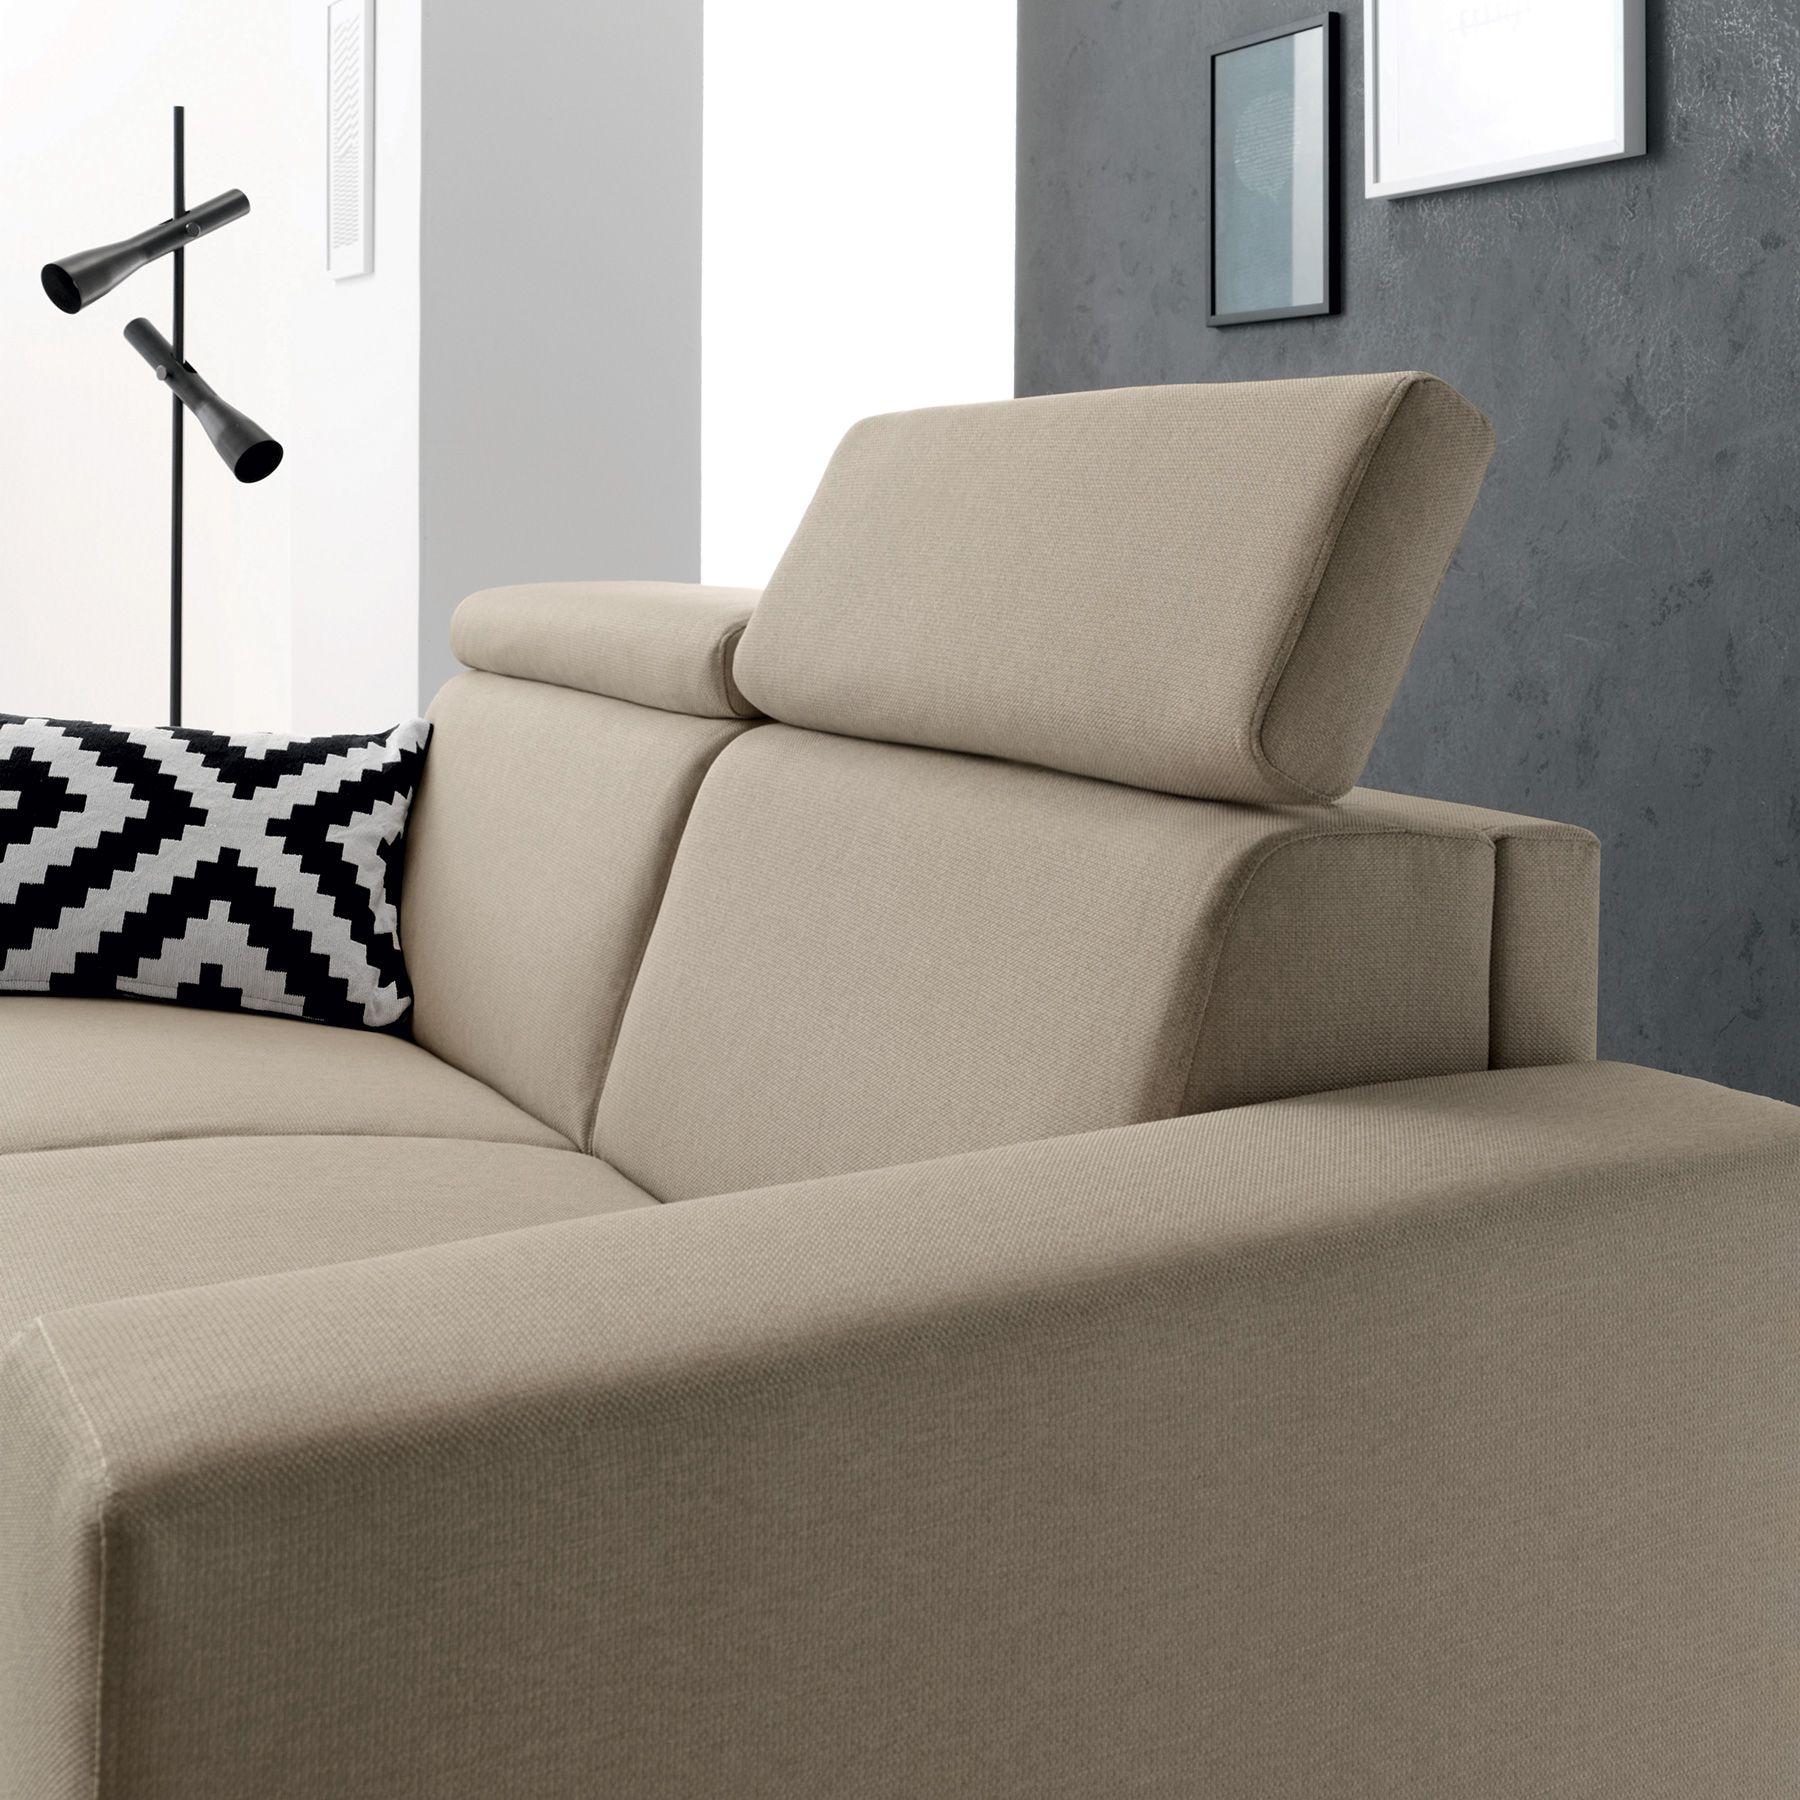 Il divano letto MORRIS è dotato di pratico meccanismo a criccheto ...